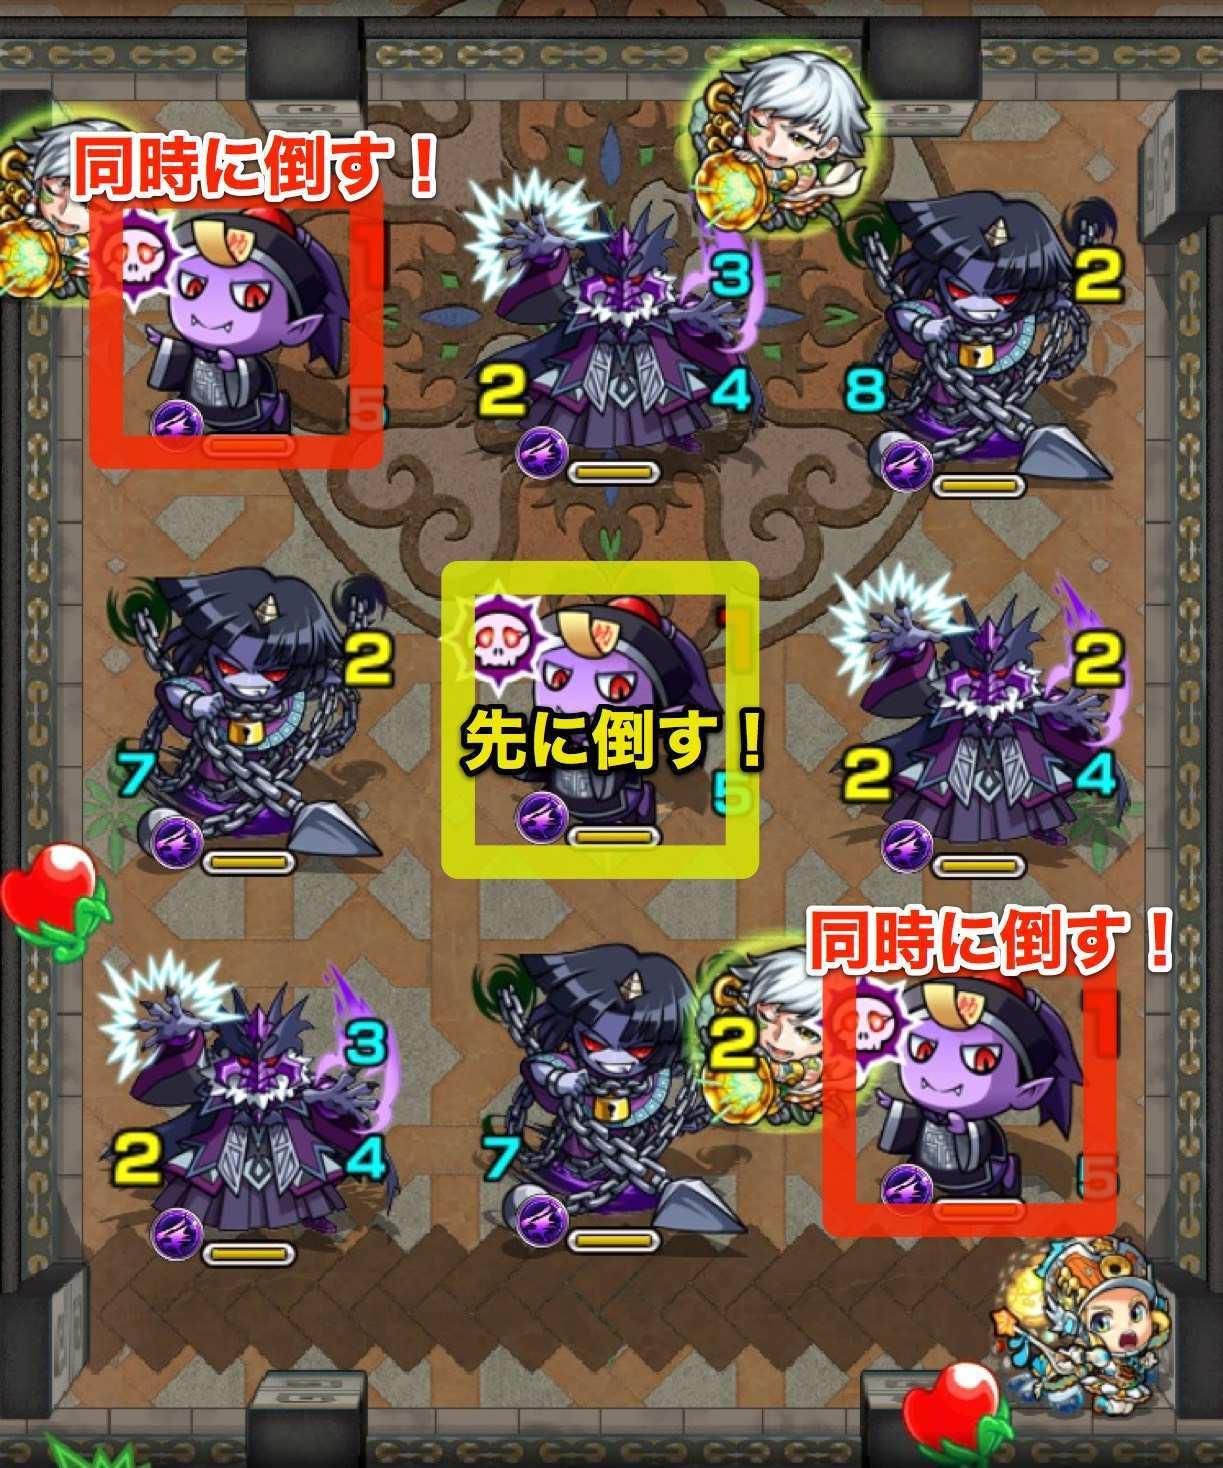 覇者の塔29階ステージ2.jpg